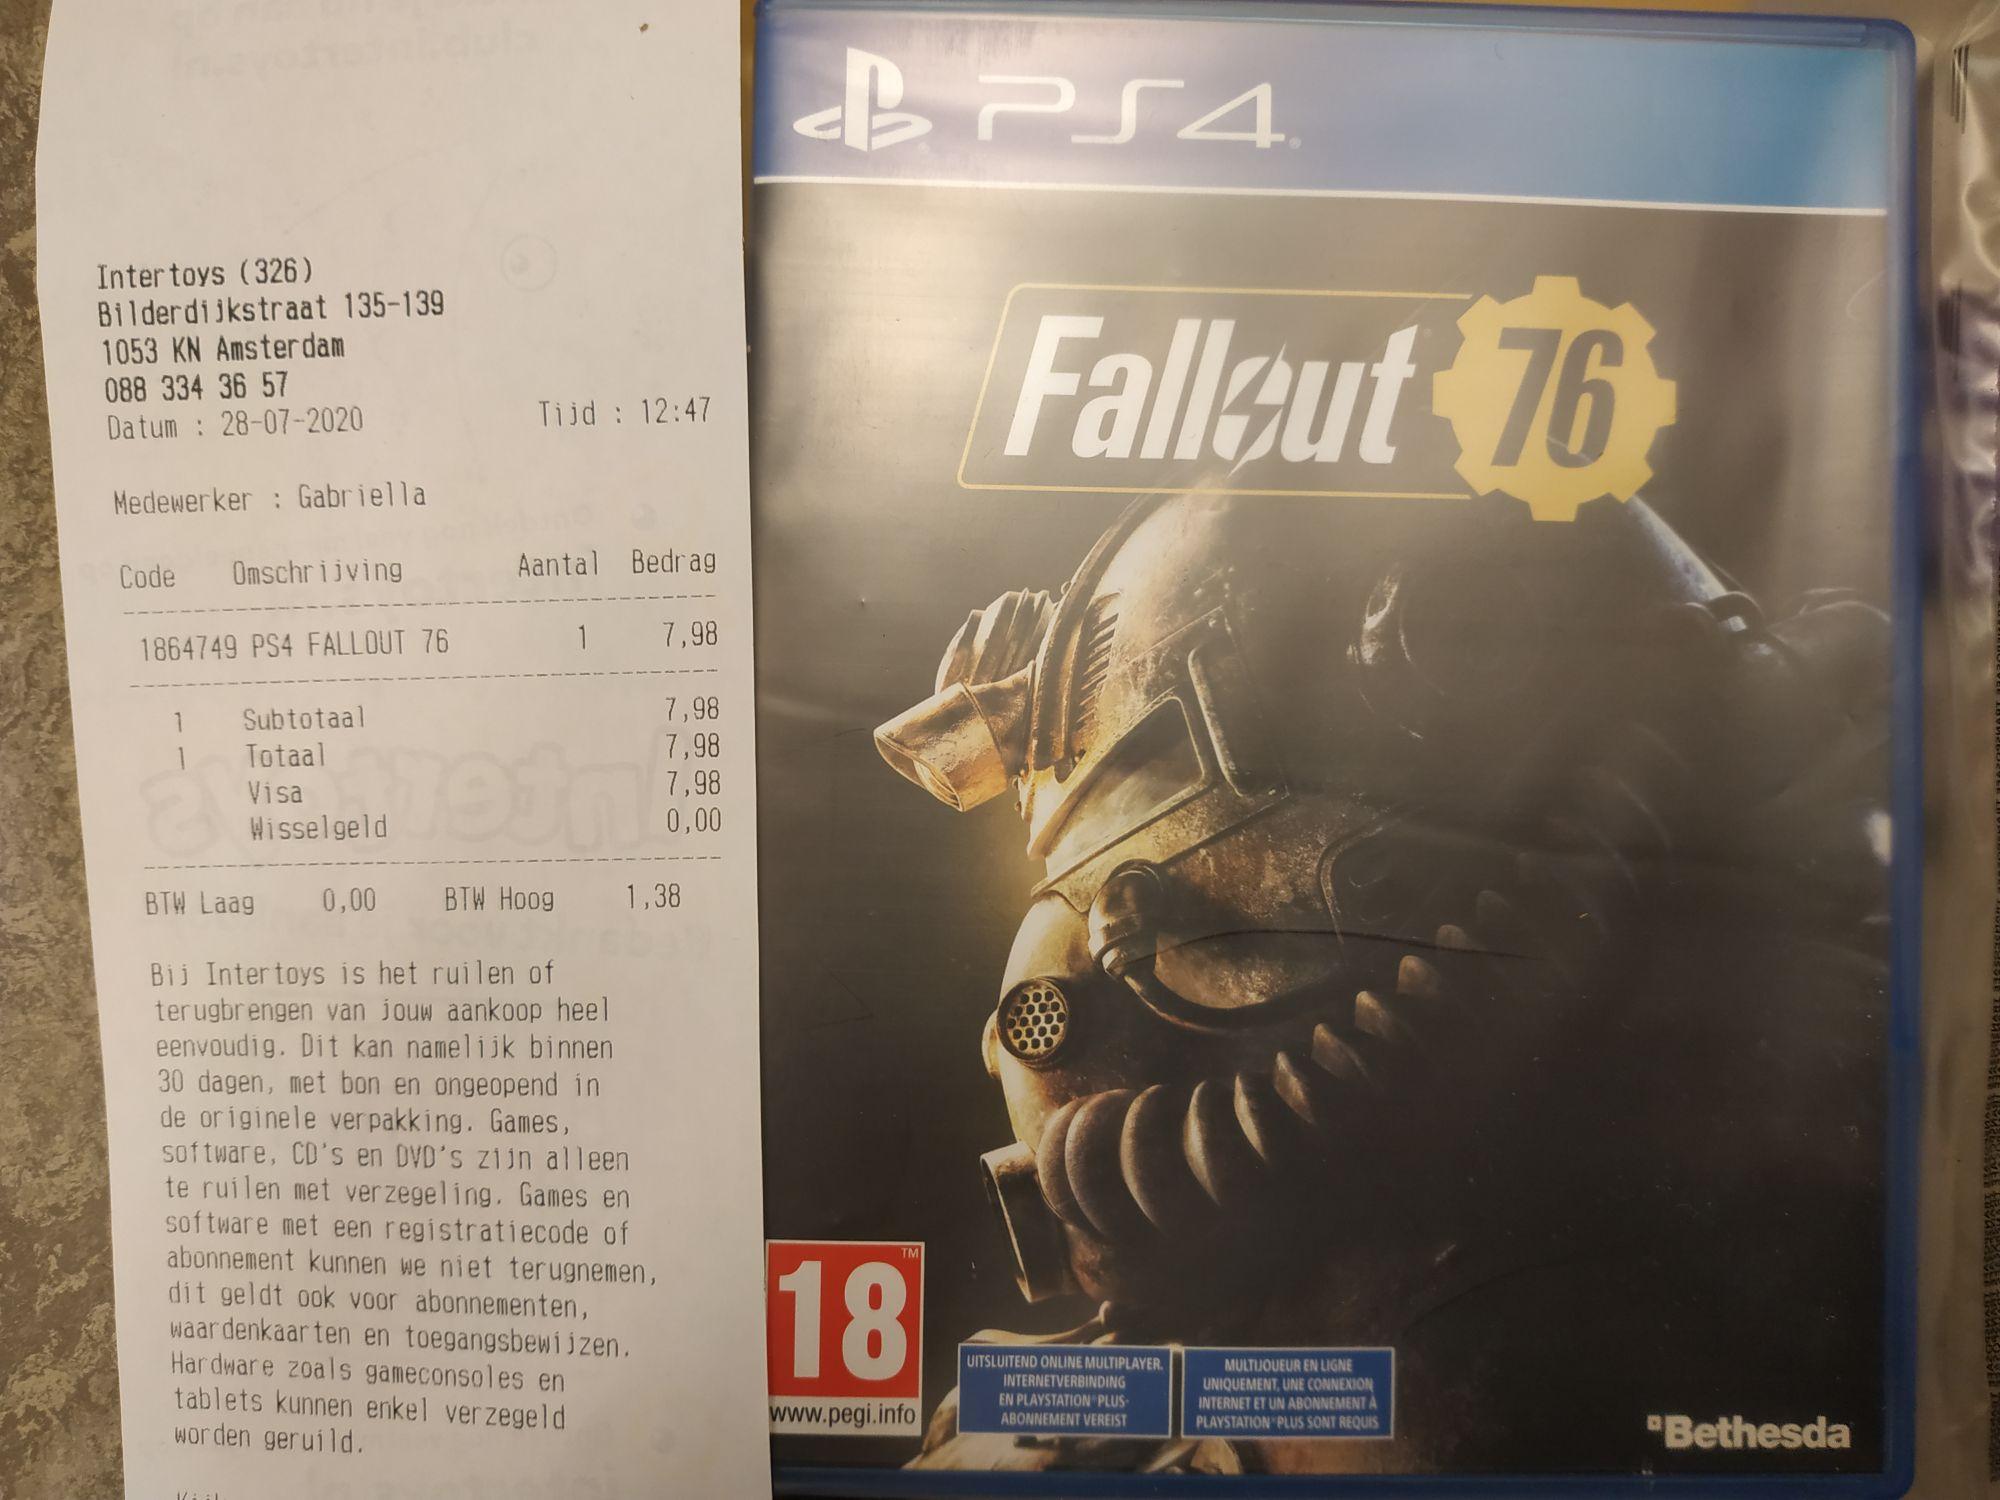 Fallout 76 im Intertoys für Niederlande Grenzgänger